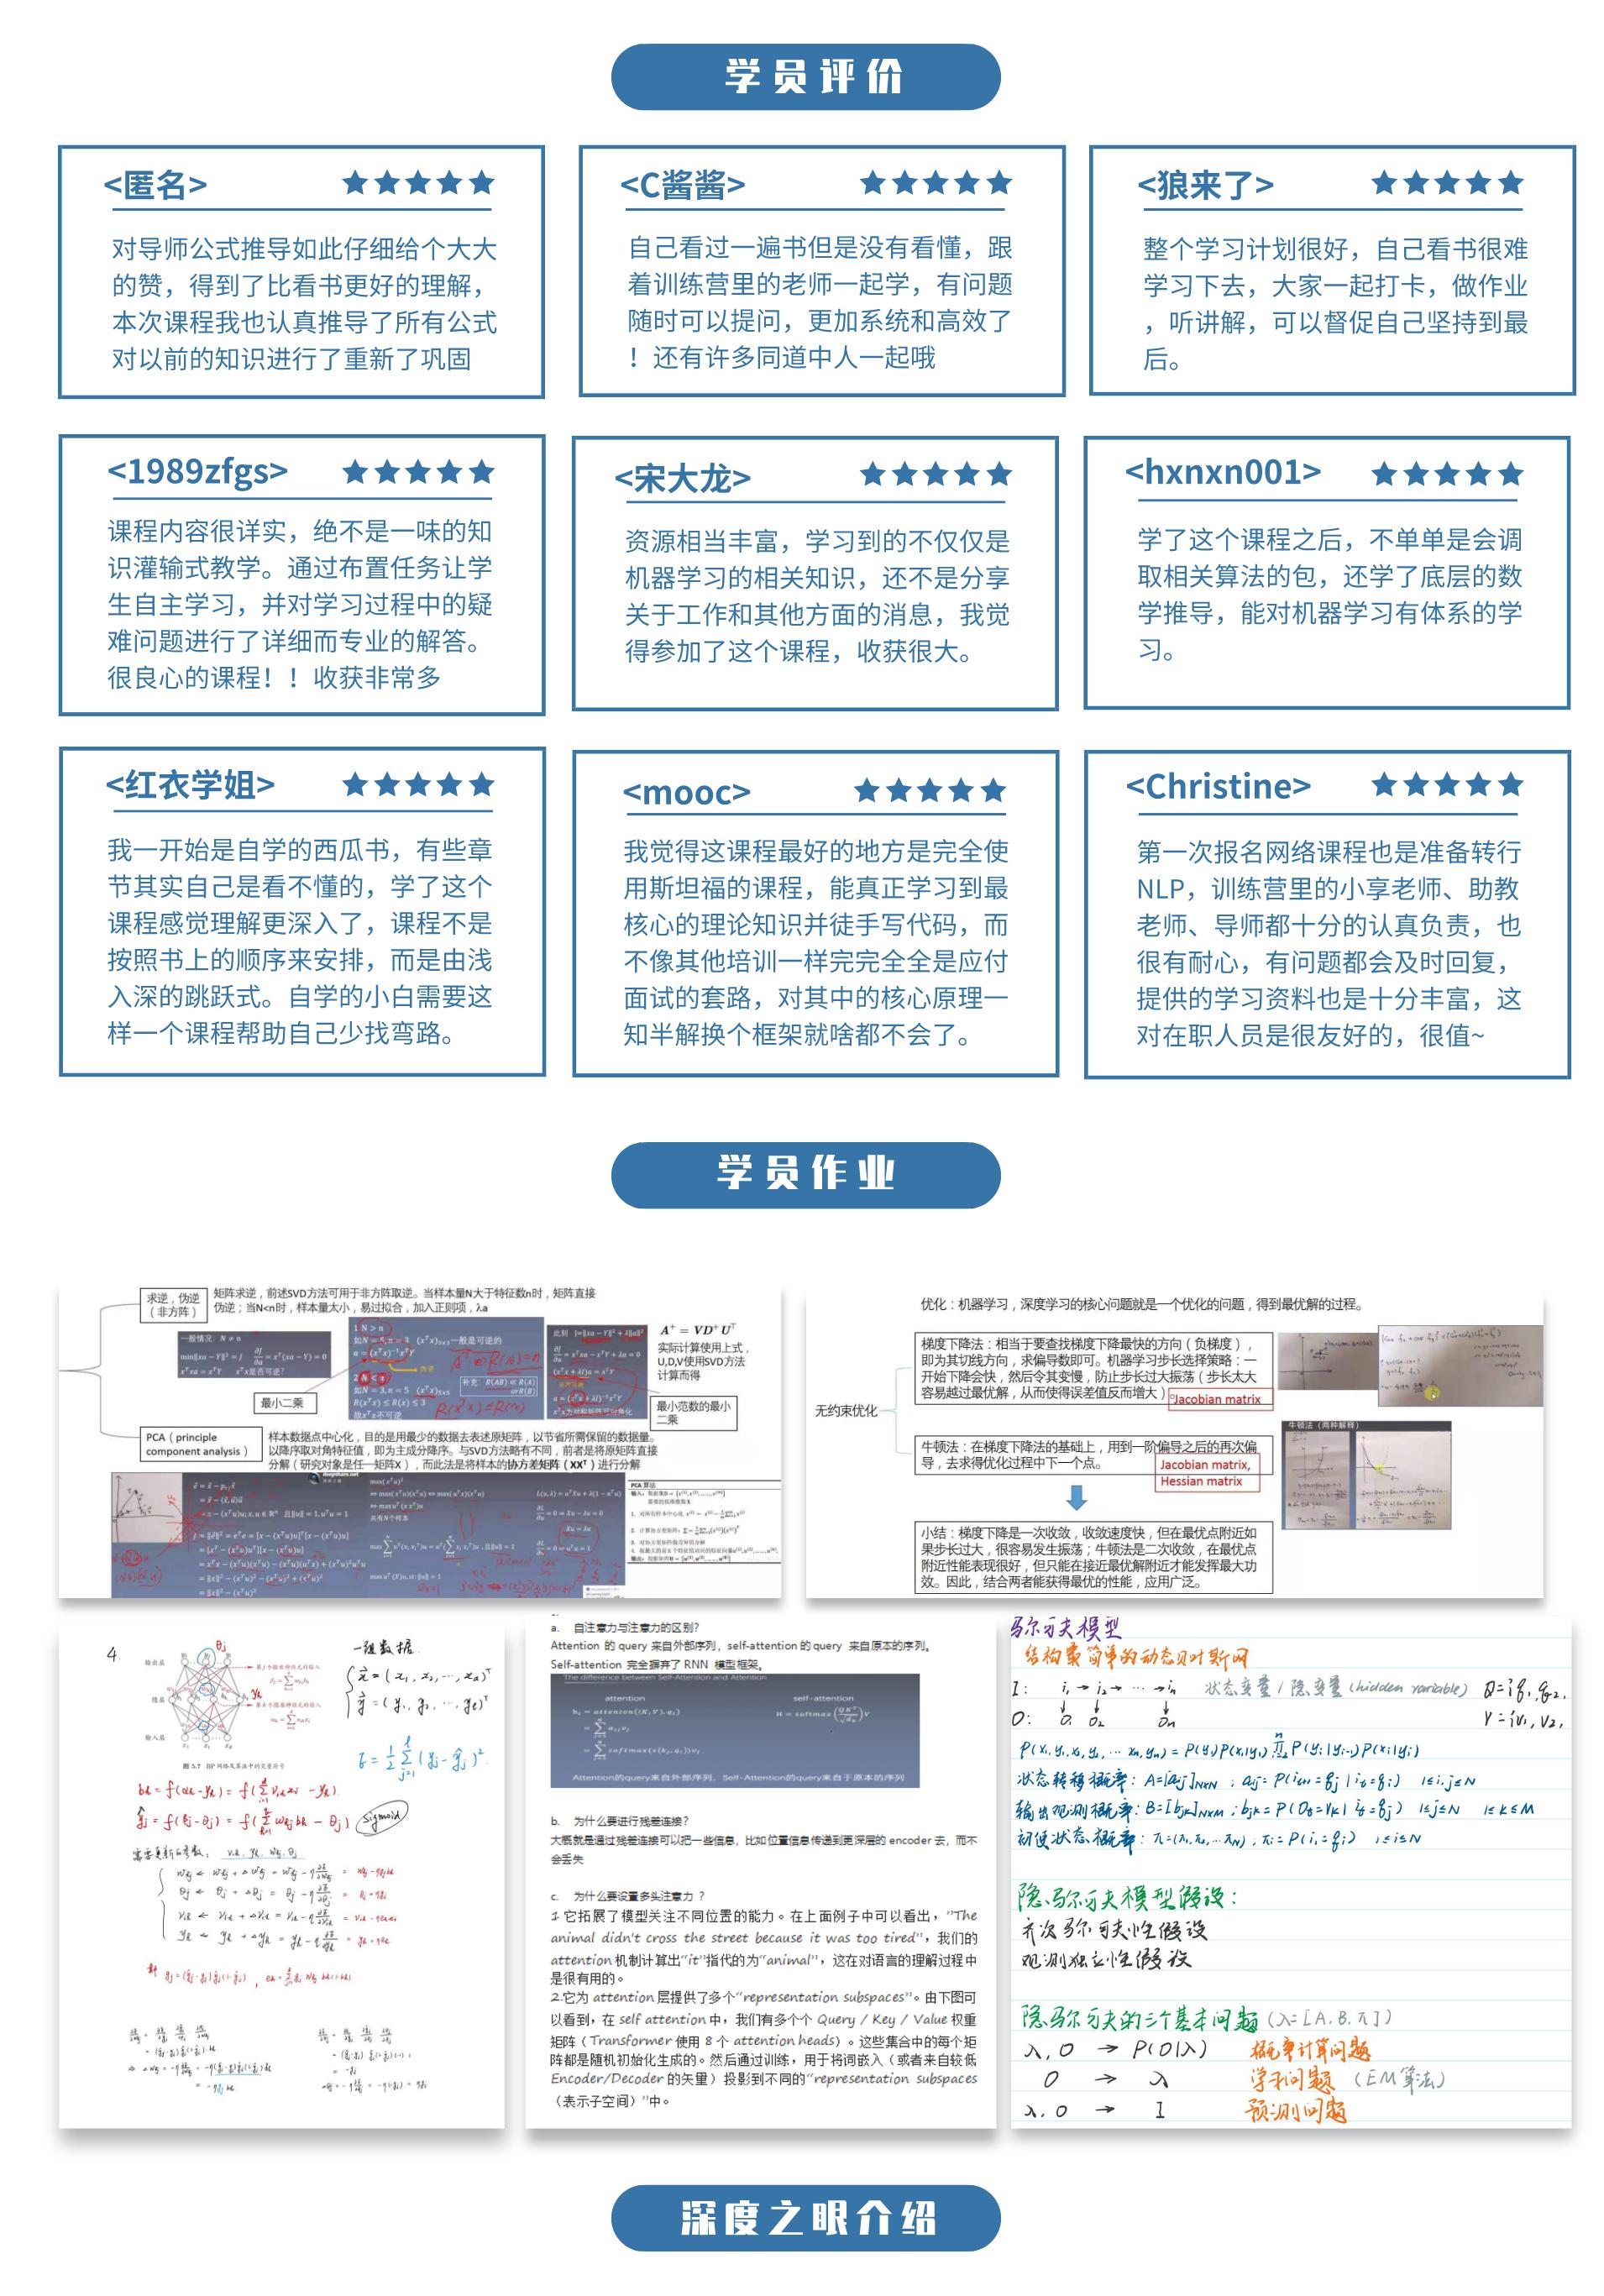 副本_未命名_自定义px_2019-10-24-0.png